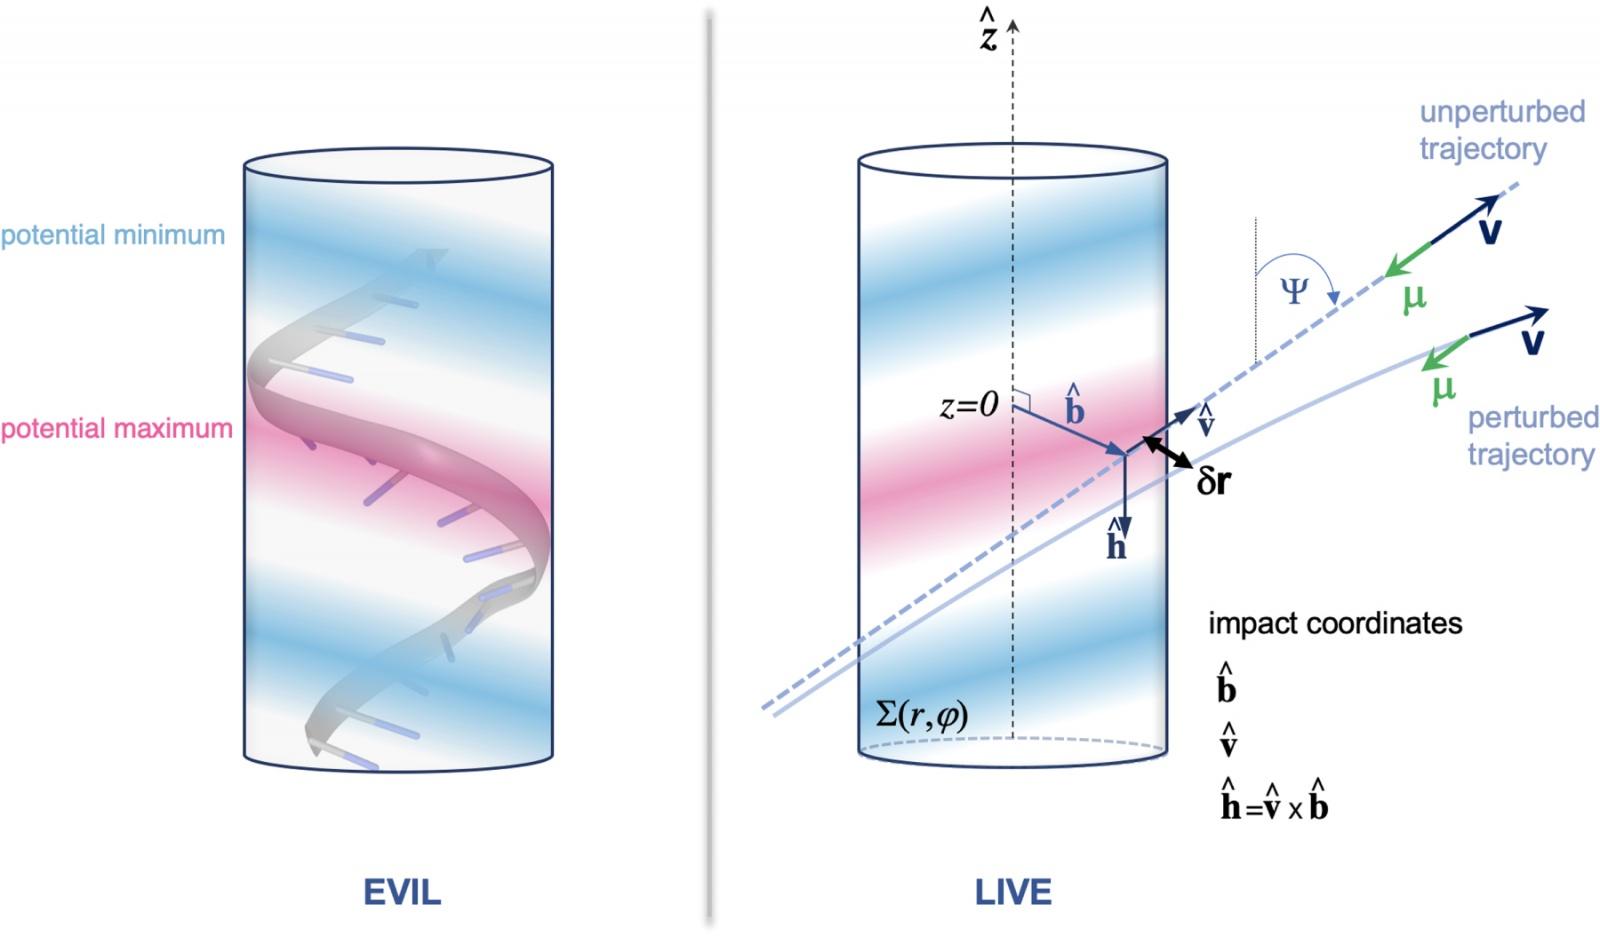 Хиральность, космические лучи и эволюция - 9